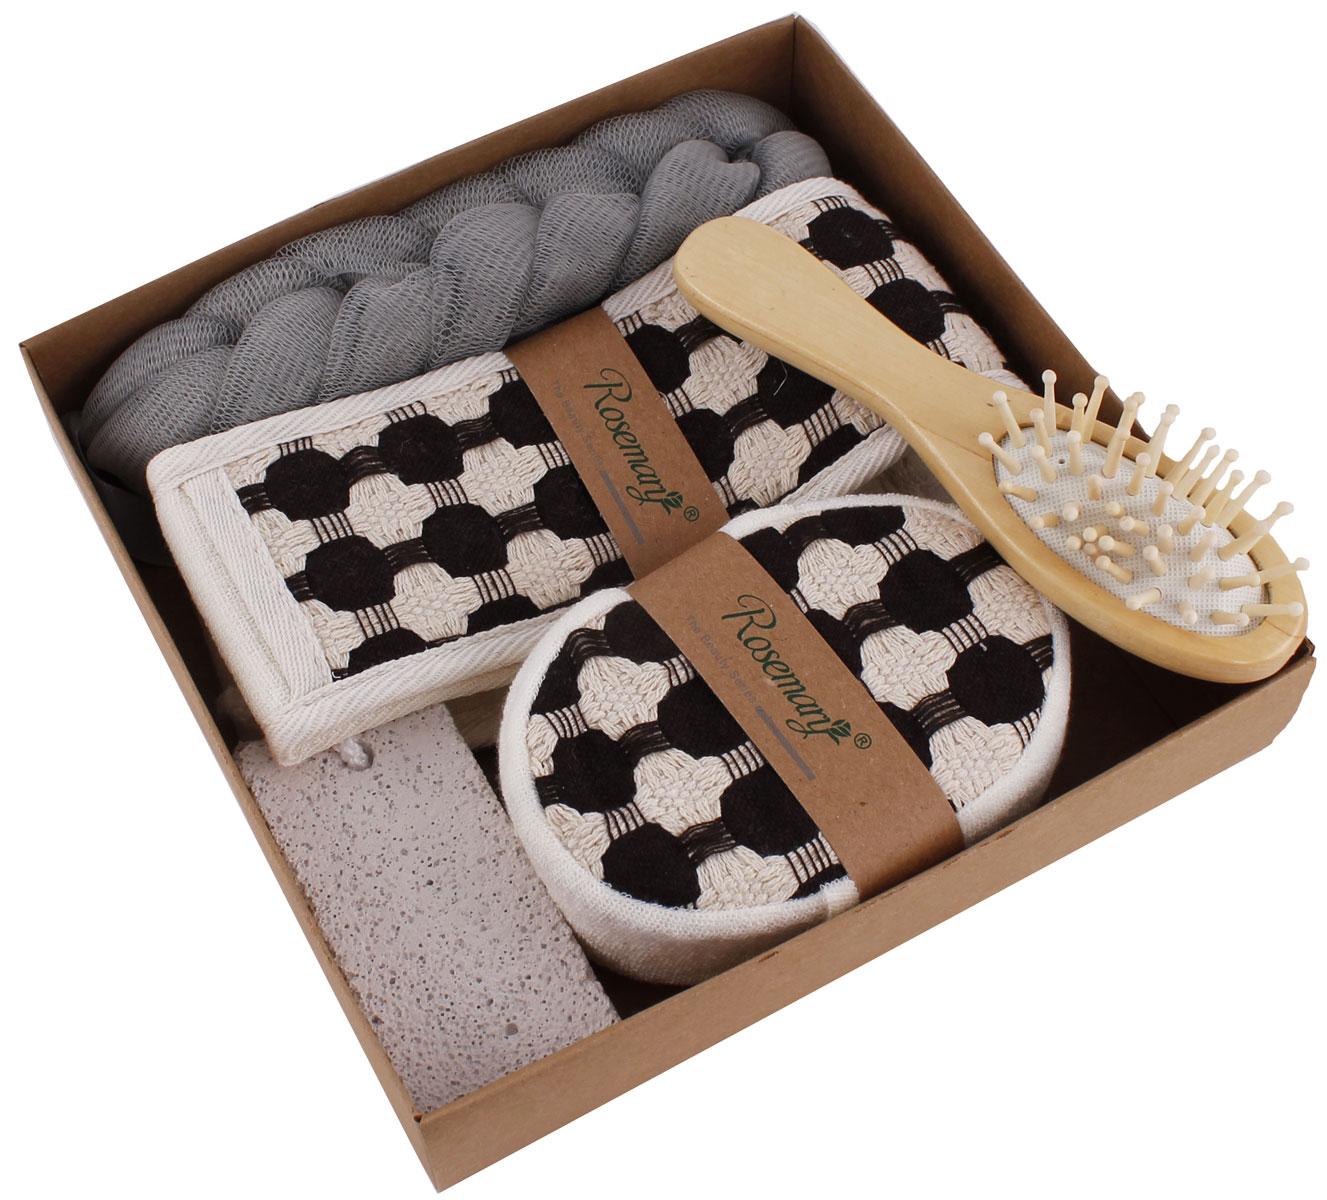 Набор банных аксессуаров Patricia, 5 предметов, цвет: серый. IM99-1331/3